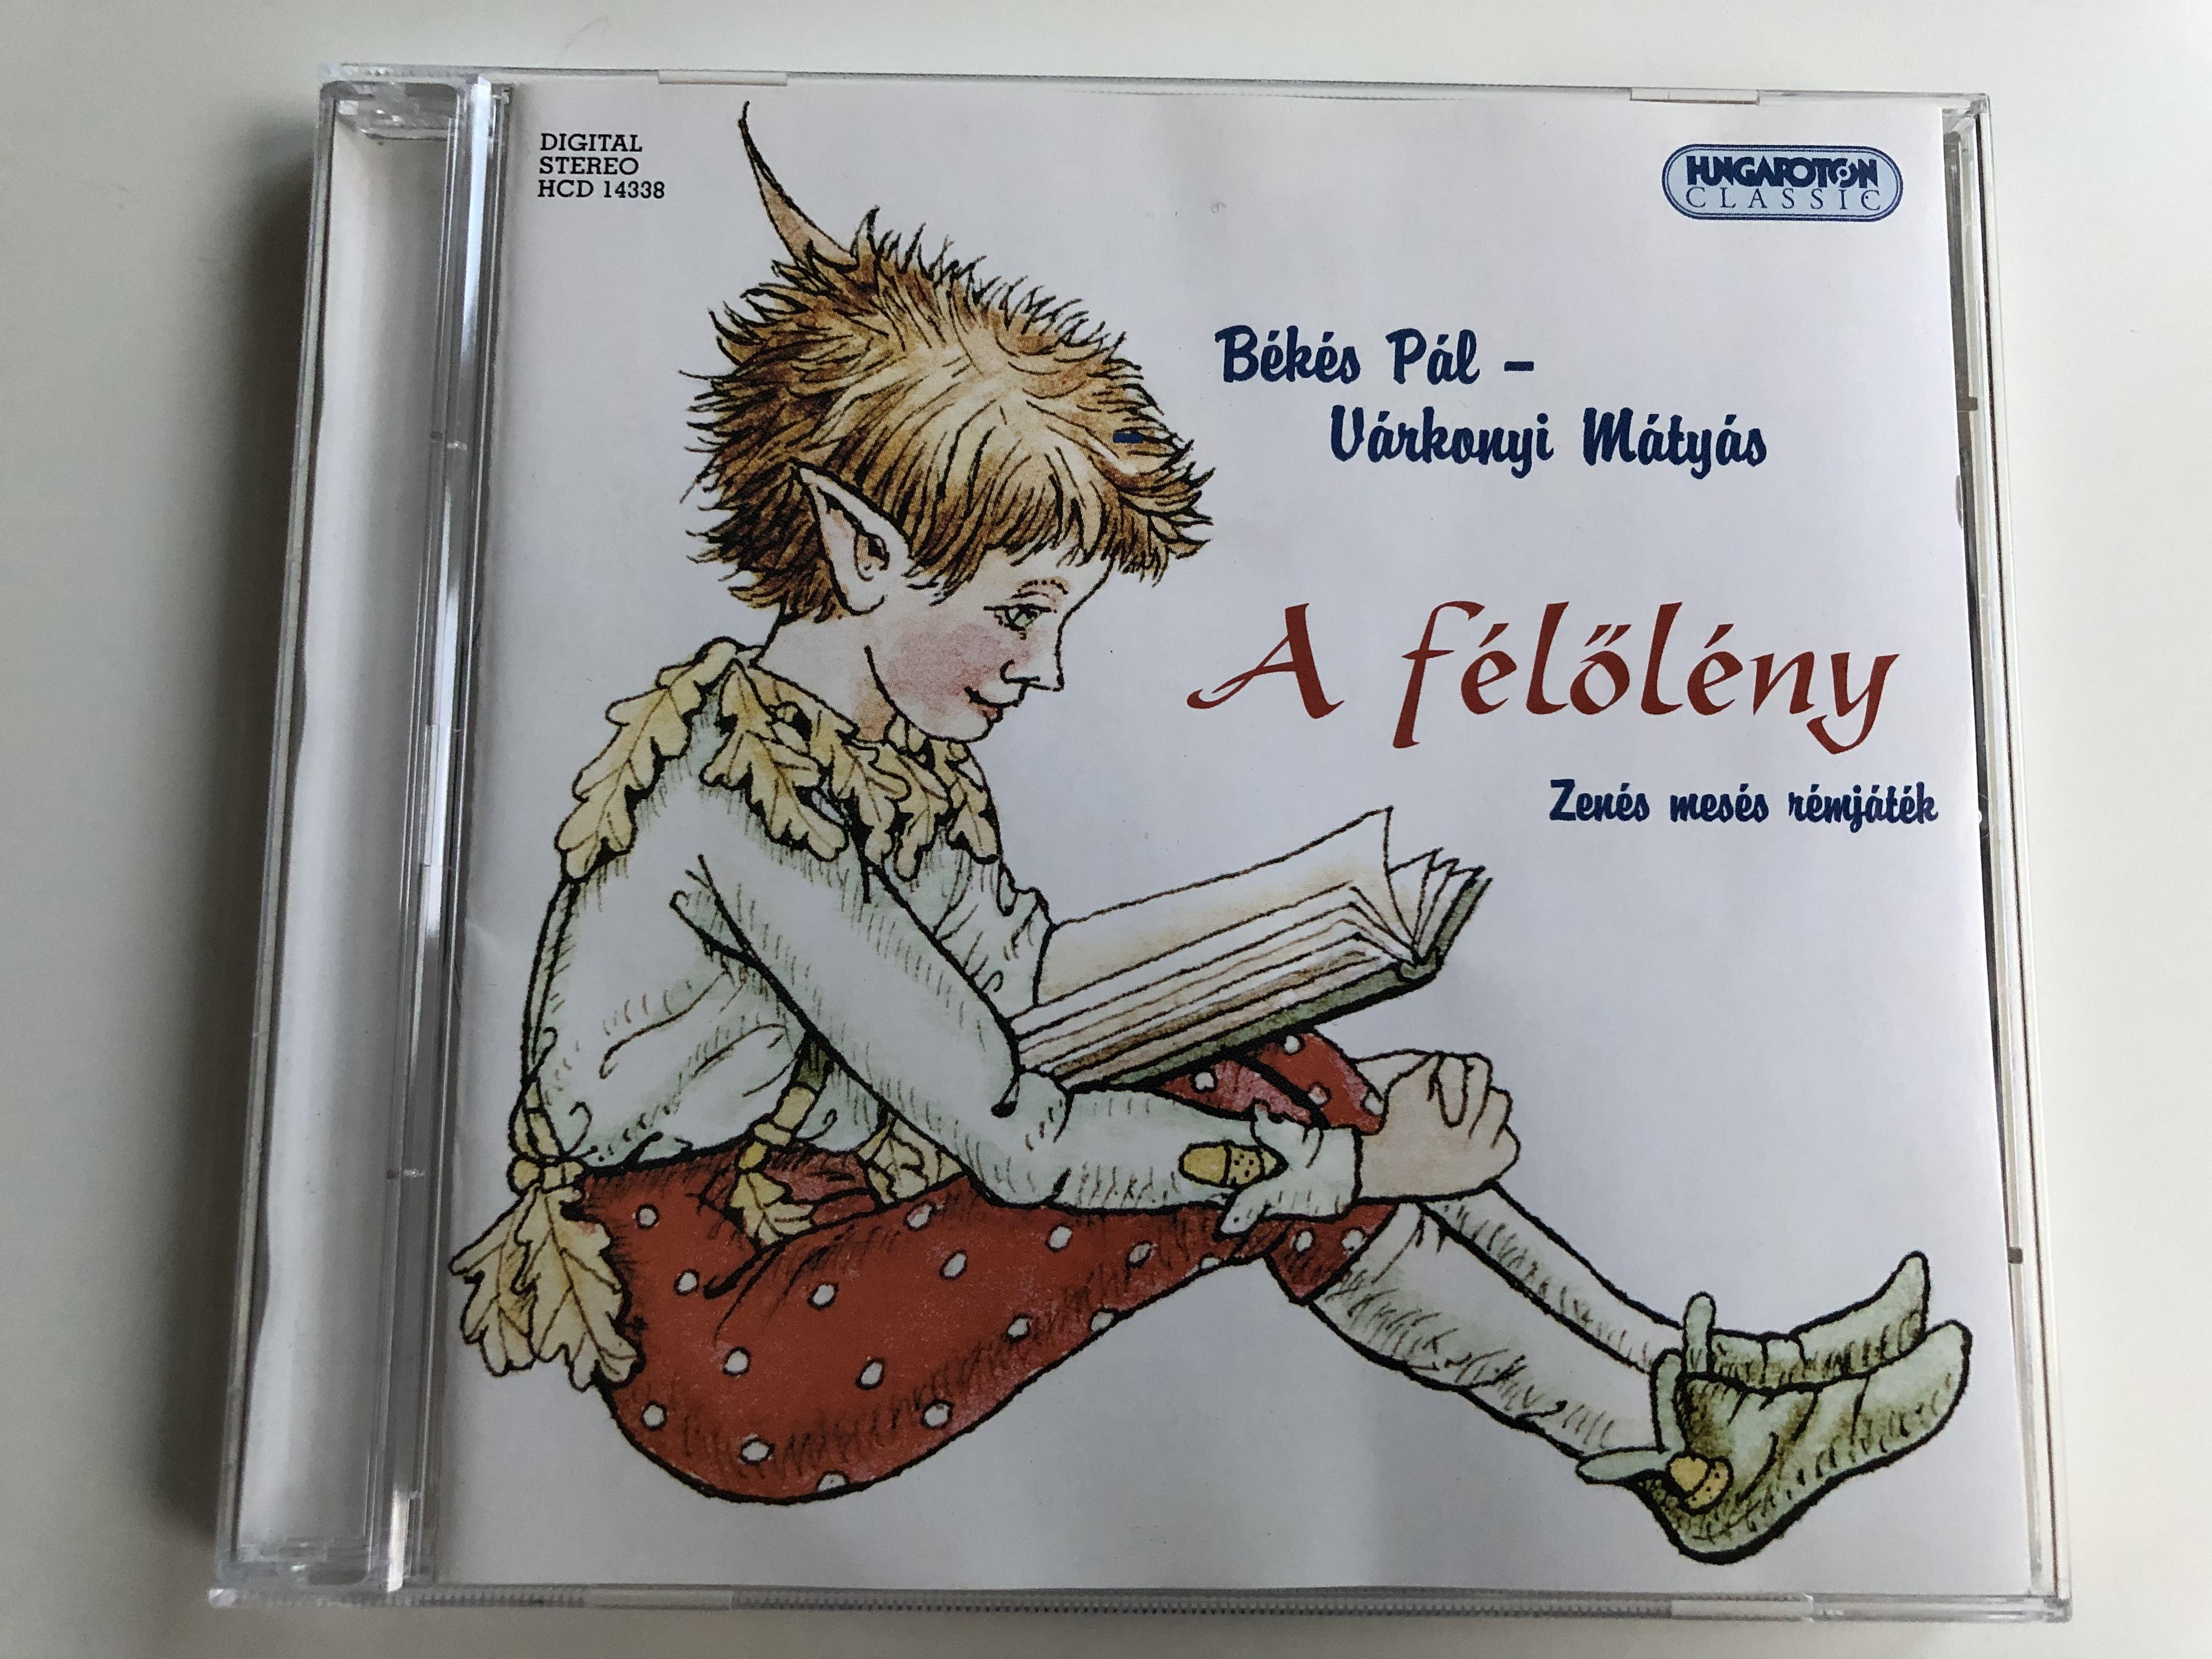 b-k-s-p-l-v-rkonyi-m-ty-s-a-f-l-l-ny-zenes-meses-remjetek-hungaroton-classic-audio-cd-2006-stereo-hcd-14338-1-.jpg